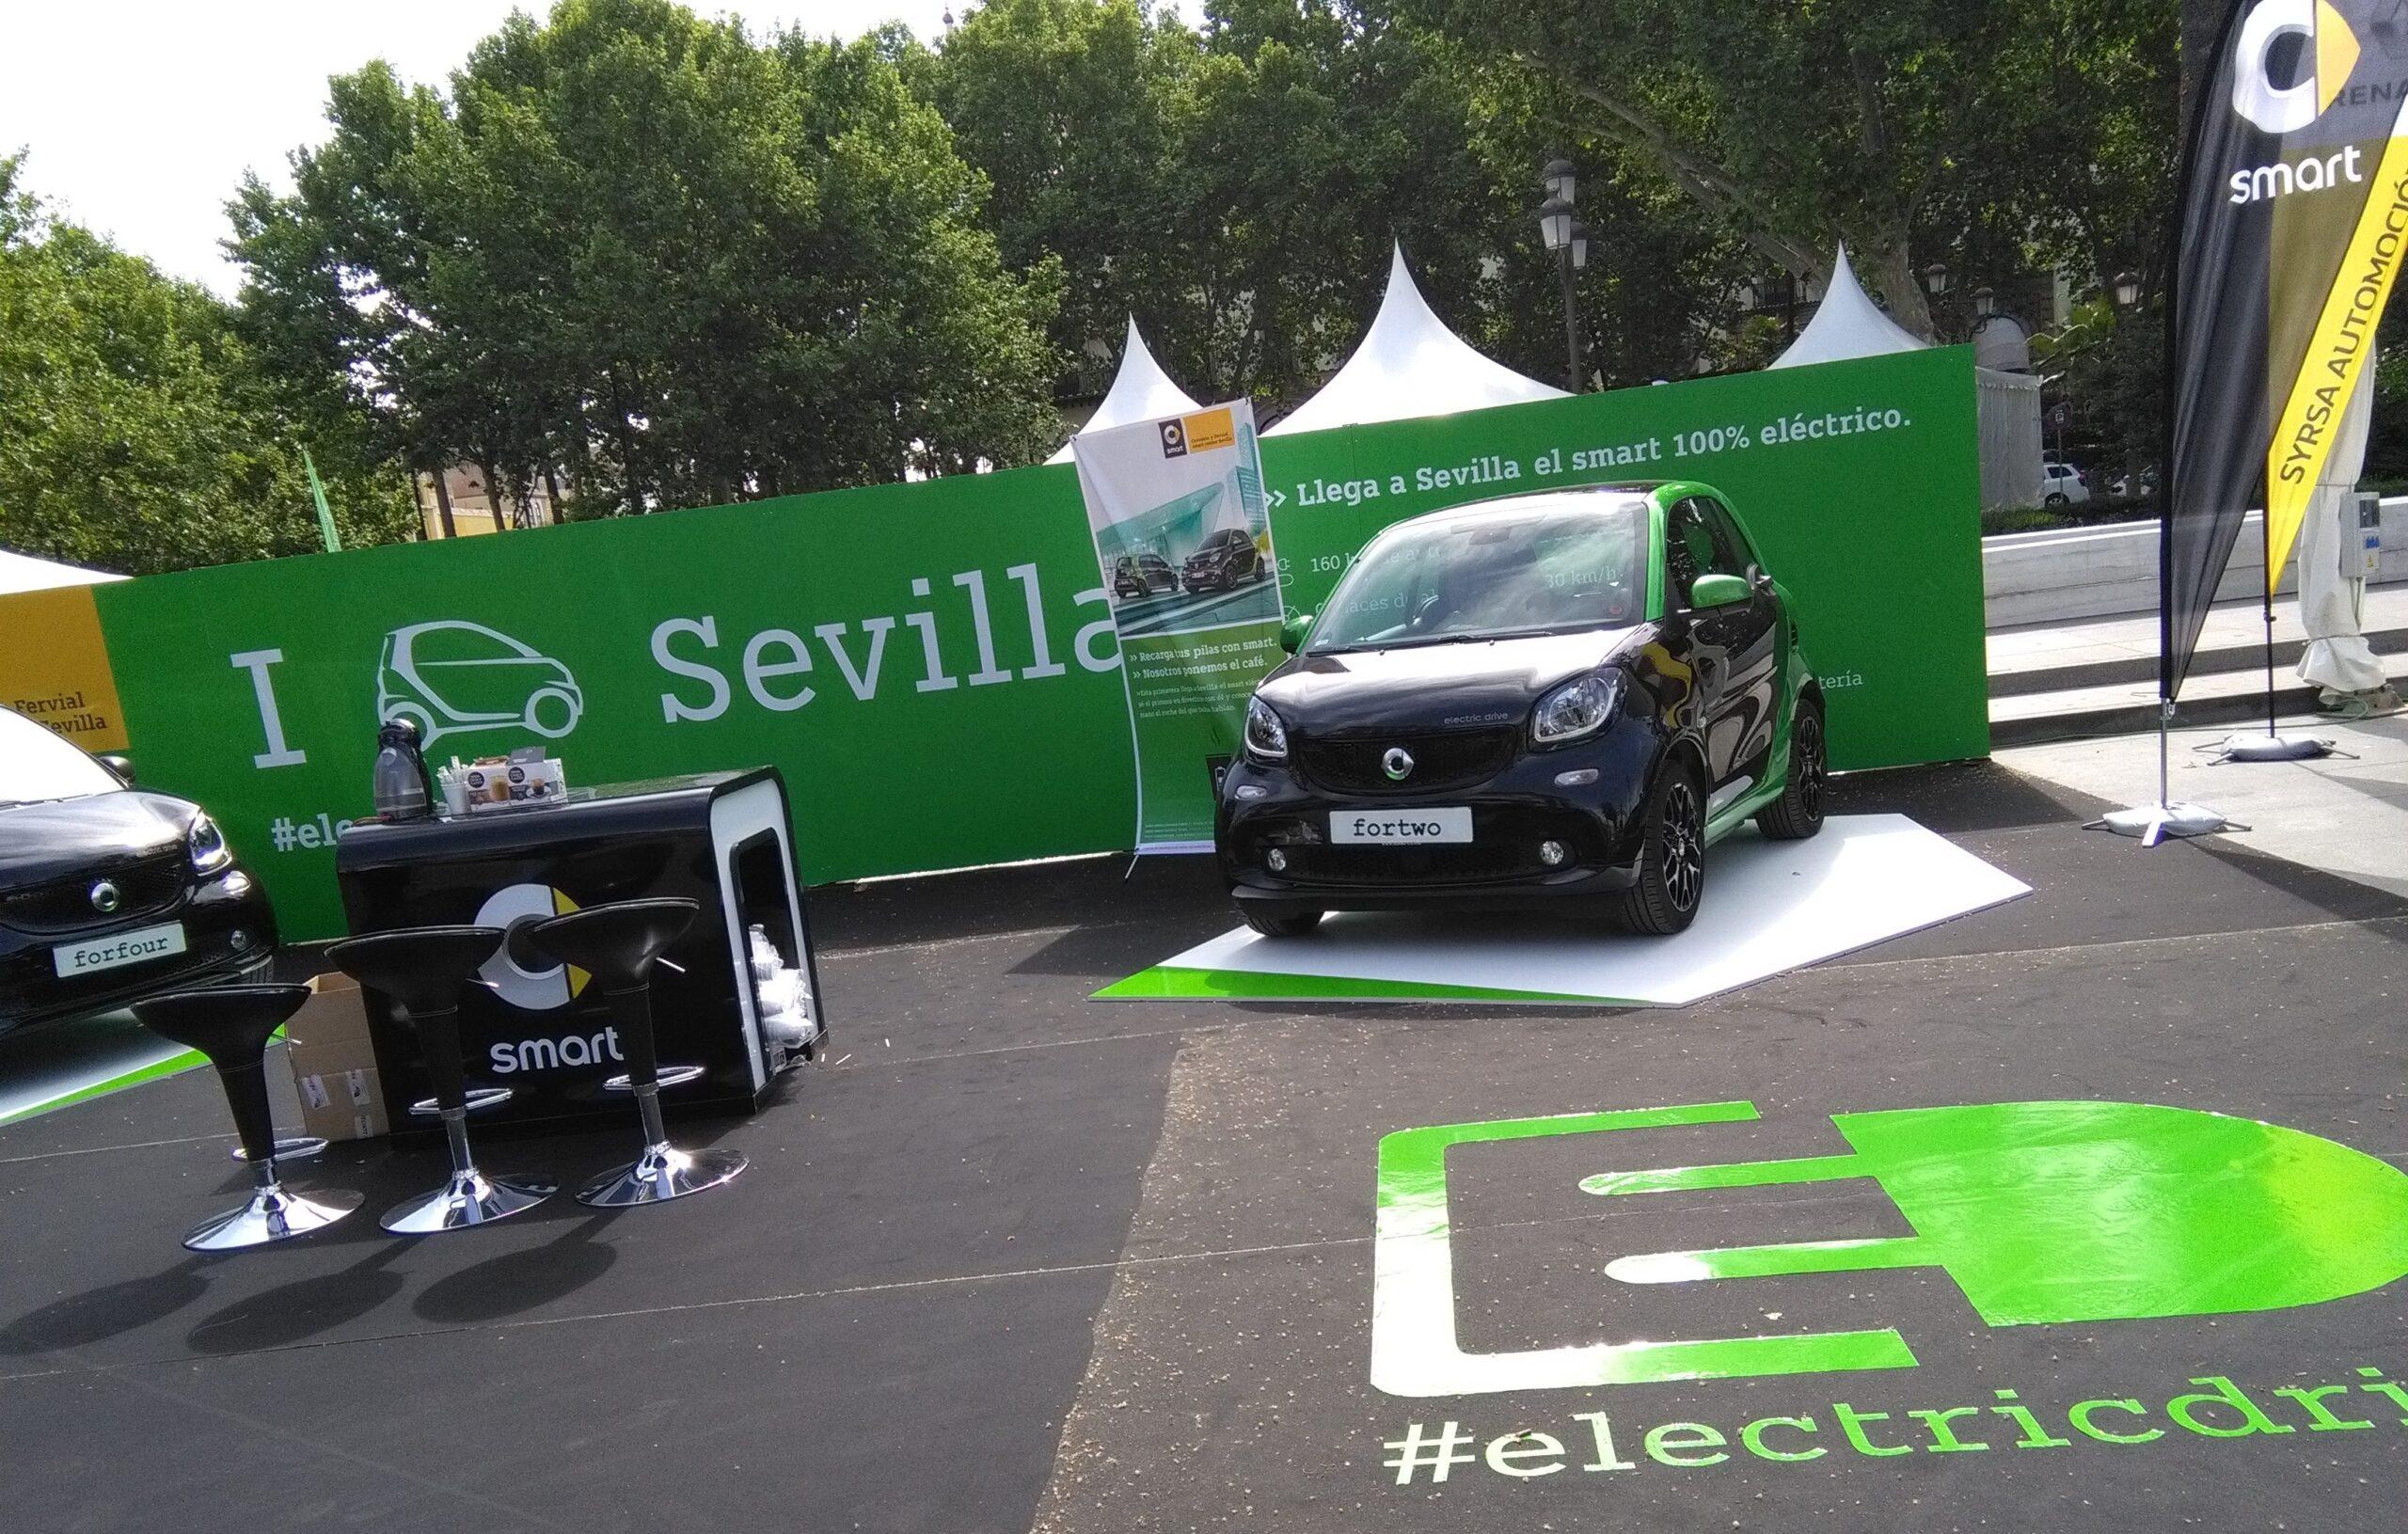 Los nuevos smart eléctricos por primera vez en Sevilla